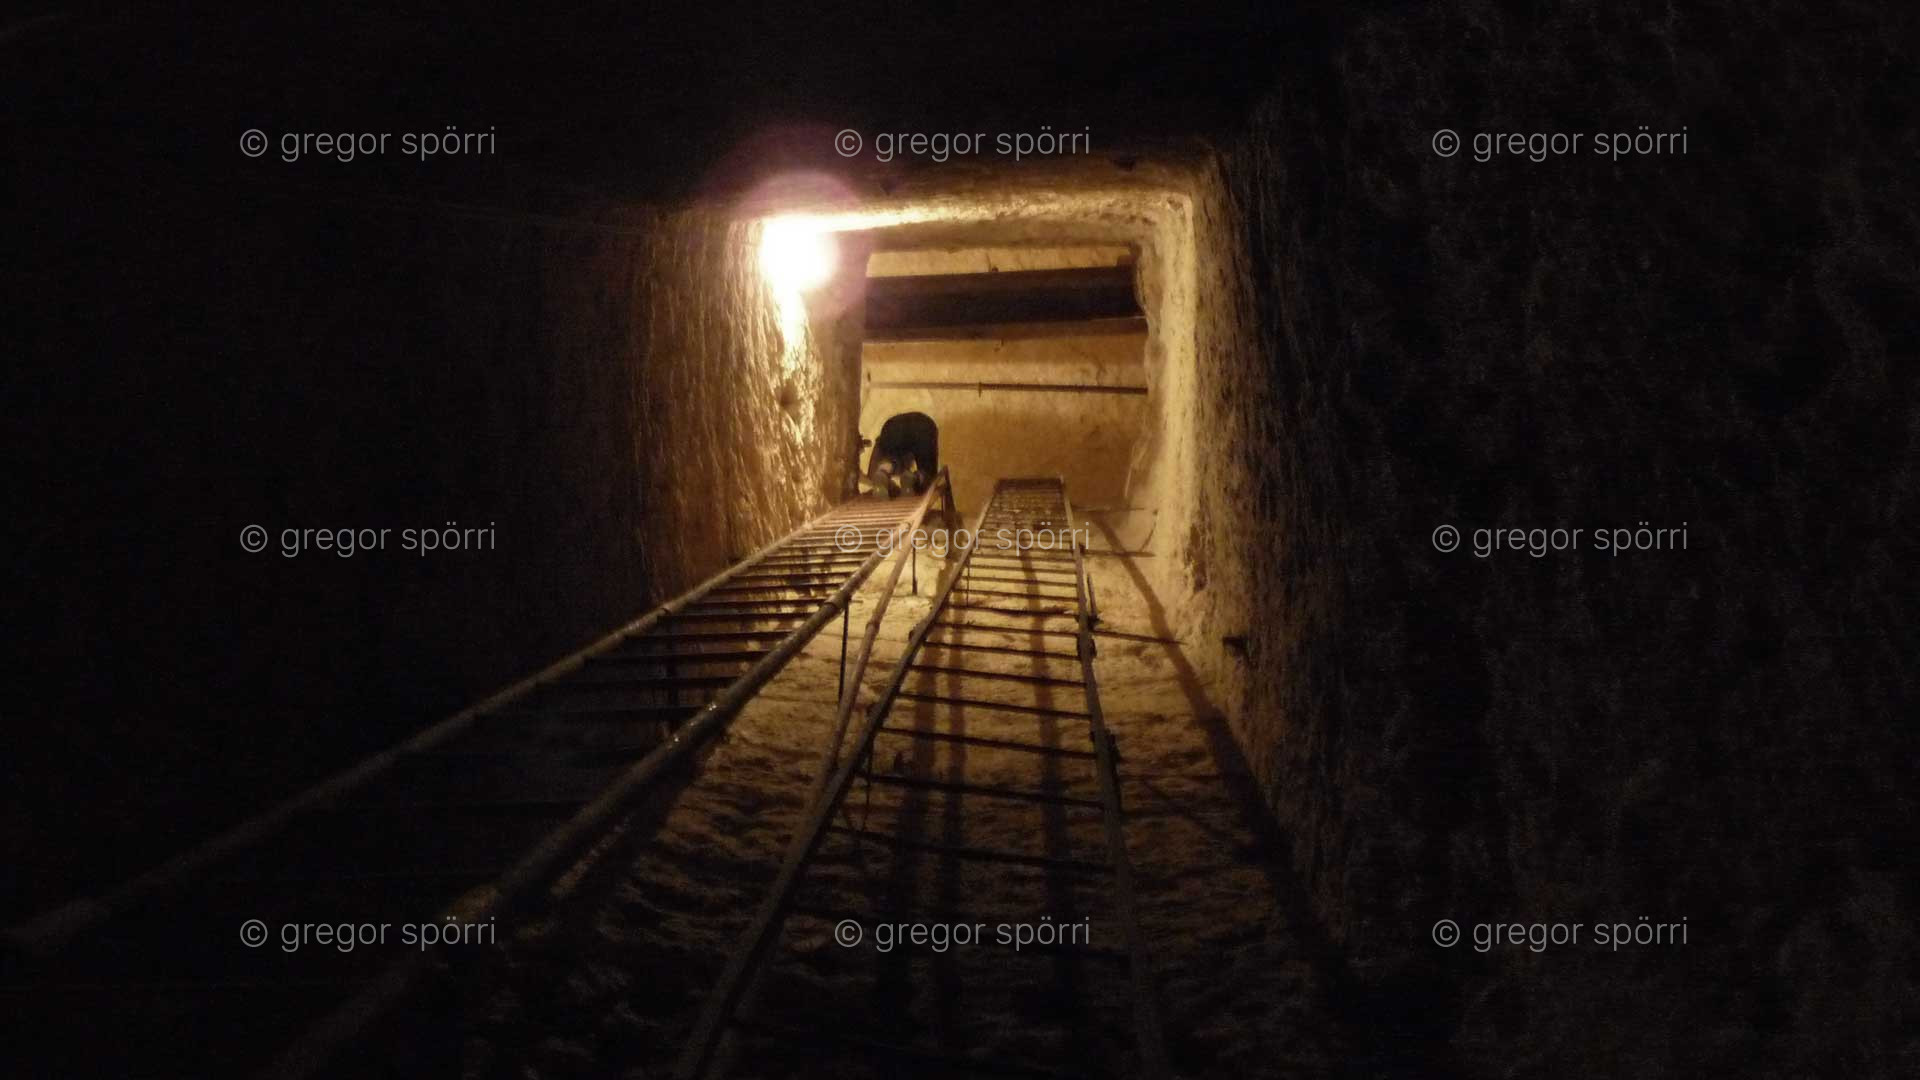 Osiris-Grab (Schacht) in Gizeh: Abstieg von Gregor Spörri auf Ebene / Kammer zwei in 18 Metern Tiefe.